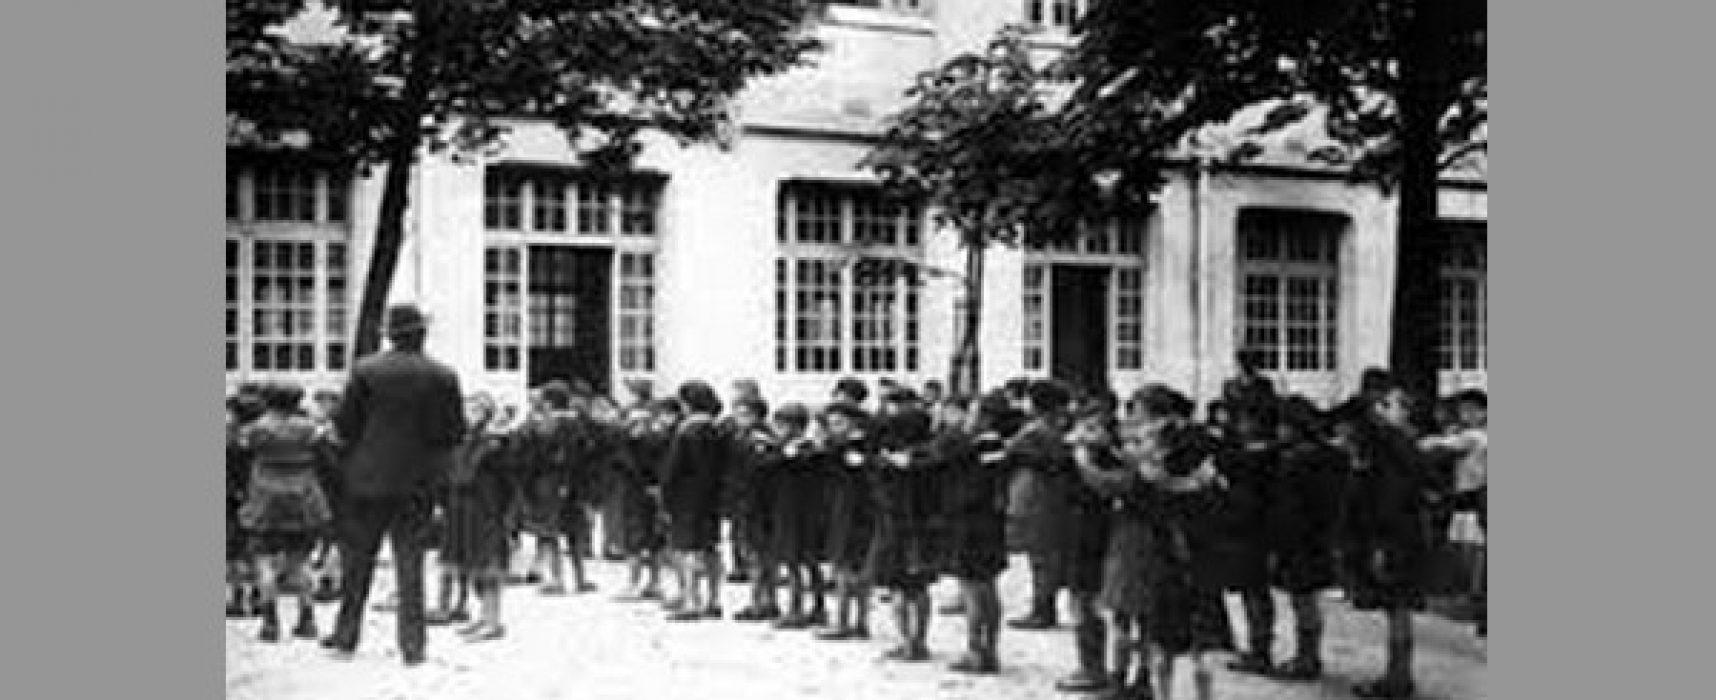 La dégradation de l'enseignement, la dégradation de l'homme : conditions d'existence de la mondialisation